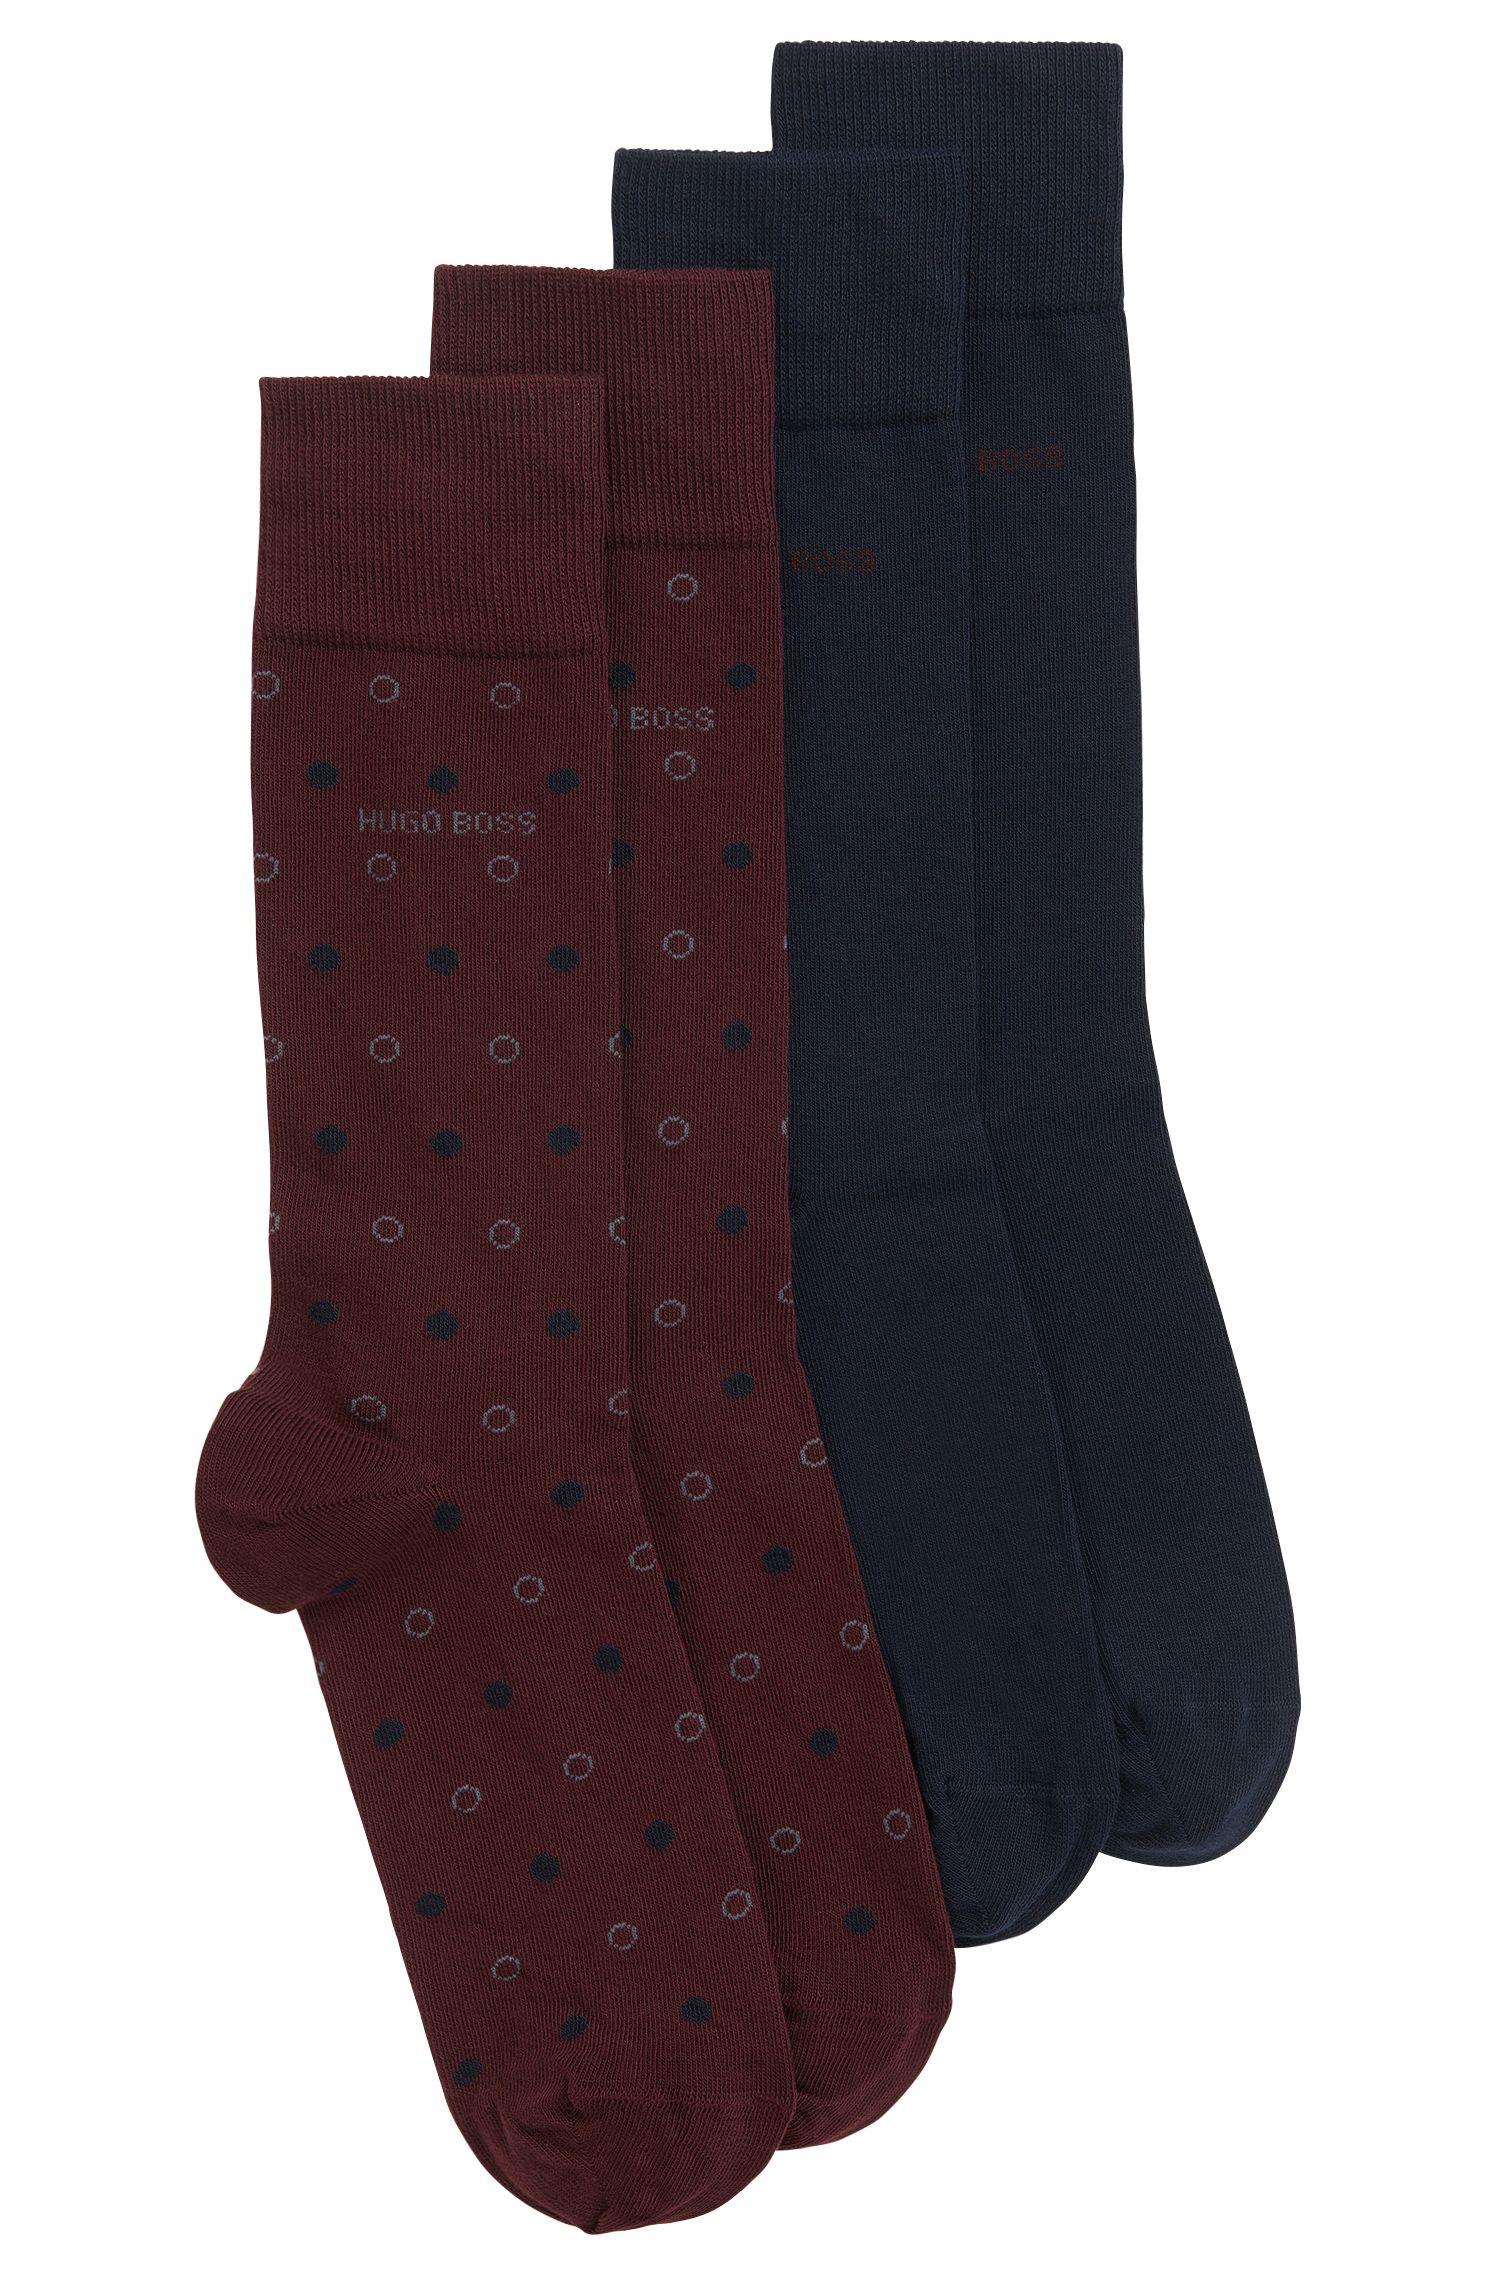 Chaussettes mi-mollet en coton mélangé peigné, en lot de deux